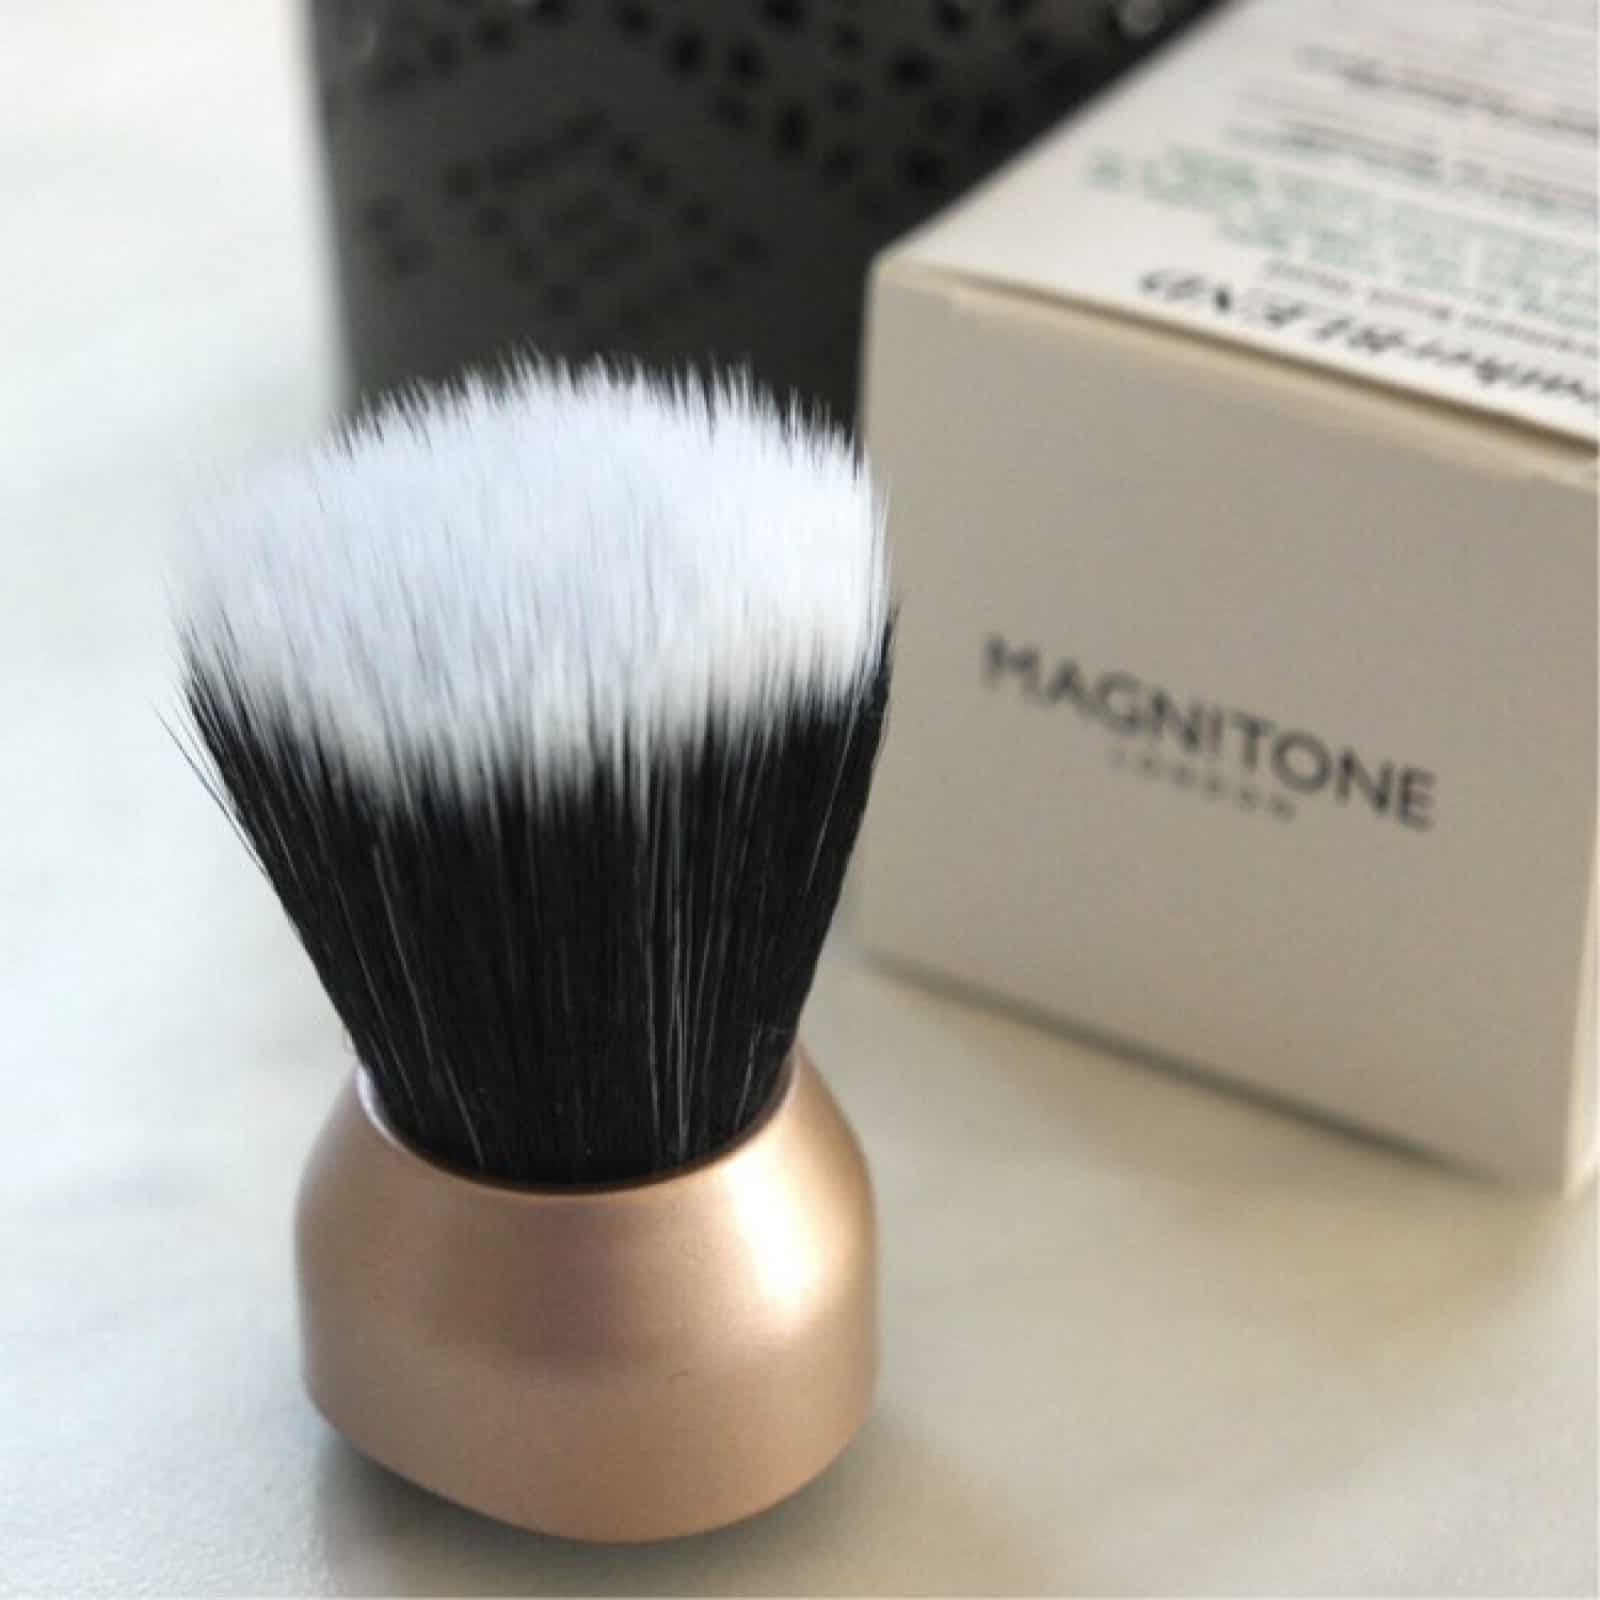 Magnitone Brush Head